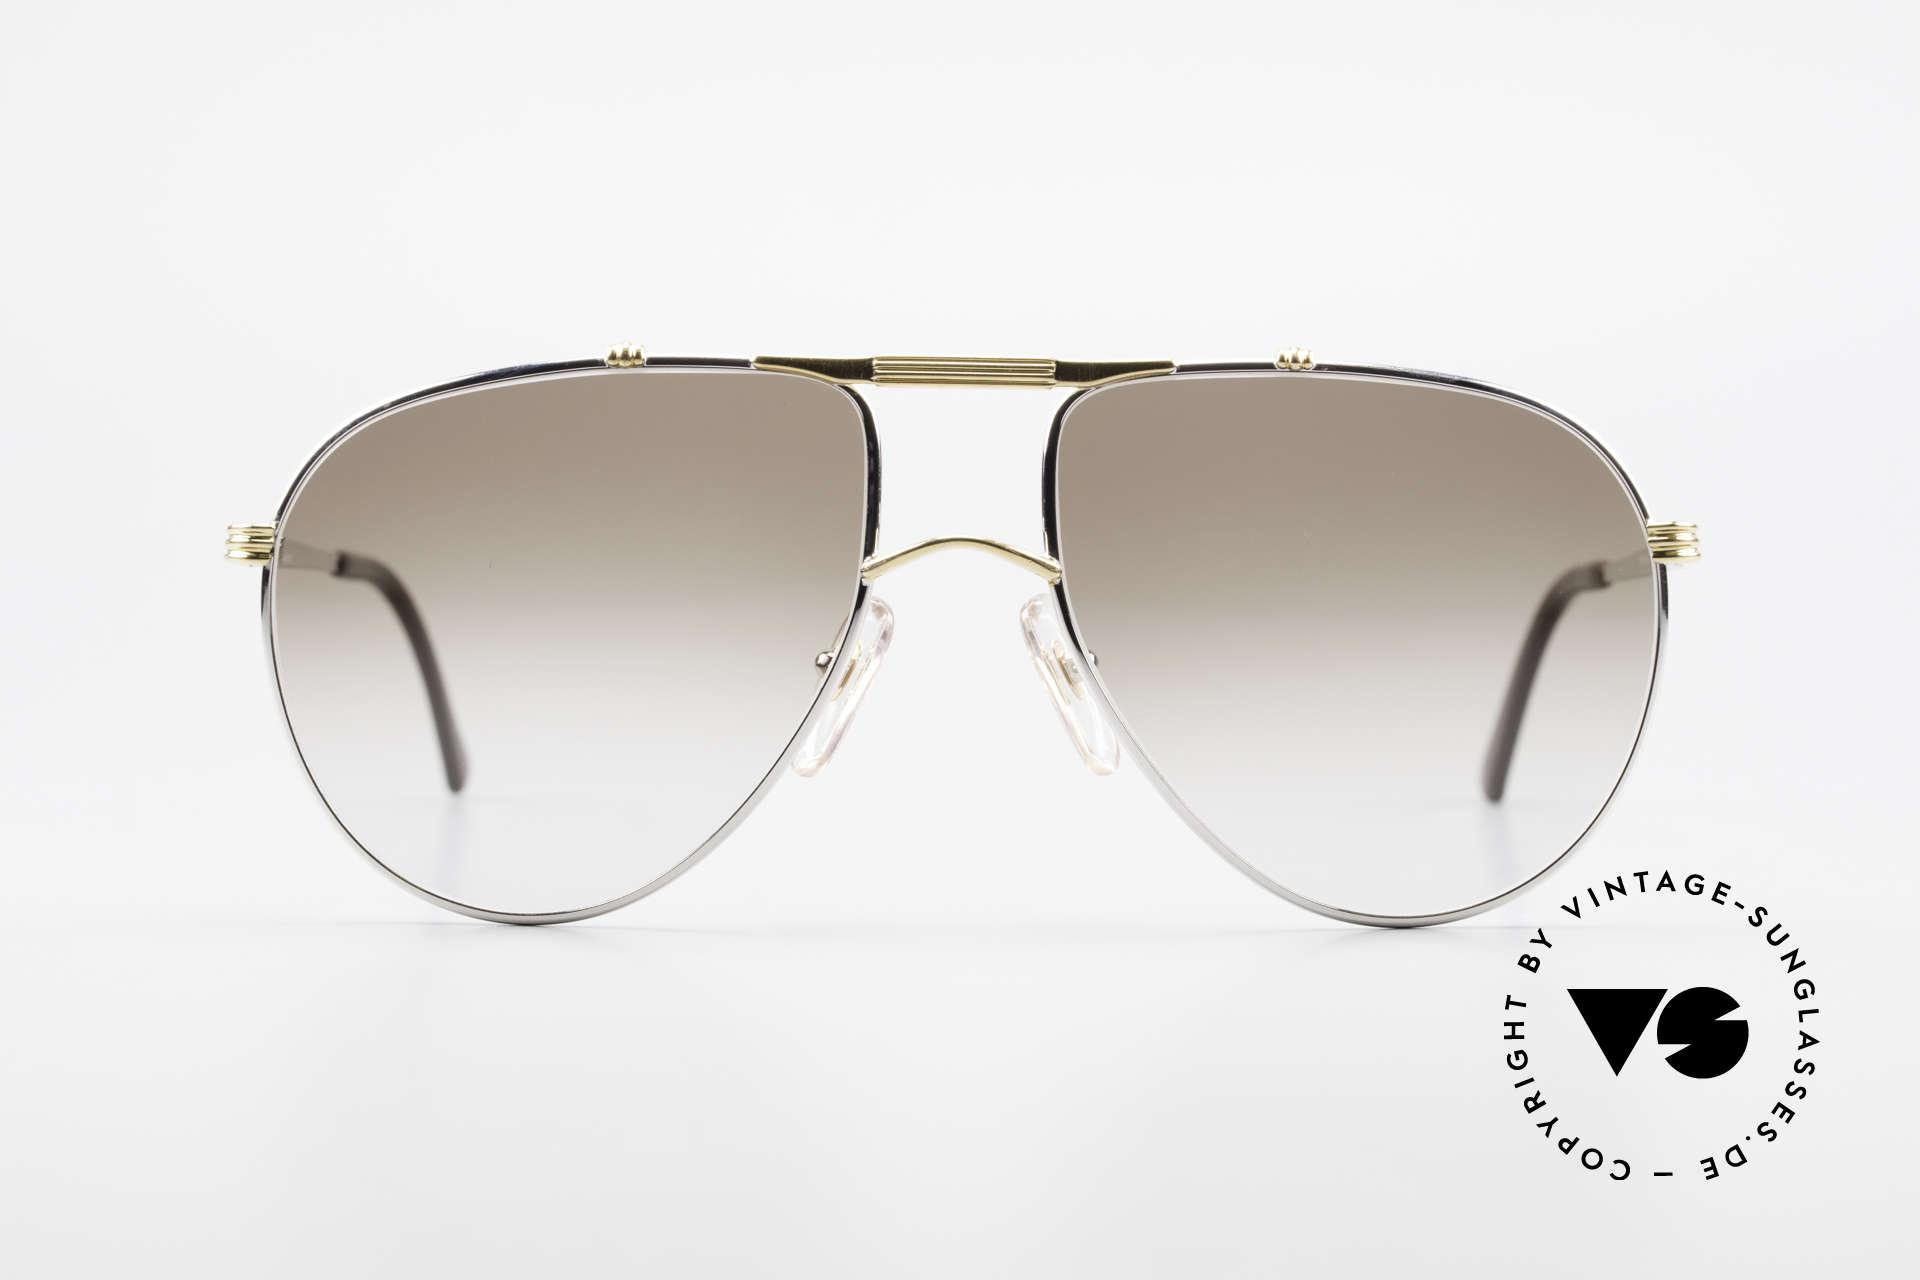 Christian Dior 2248 Large 80er Aviator Sonnenbrille, edle Designer-Fassung von 1984; authentisch vintage!, Passend für Herren